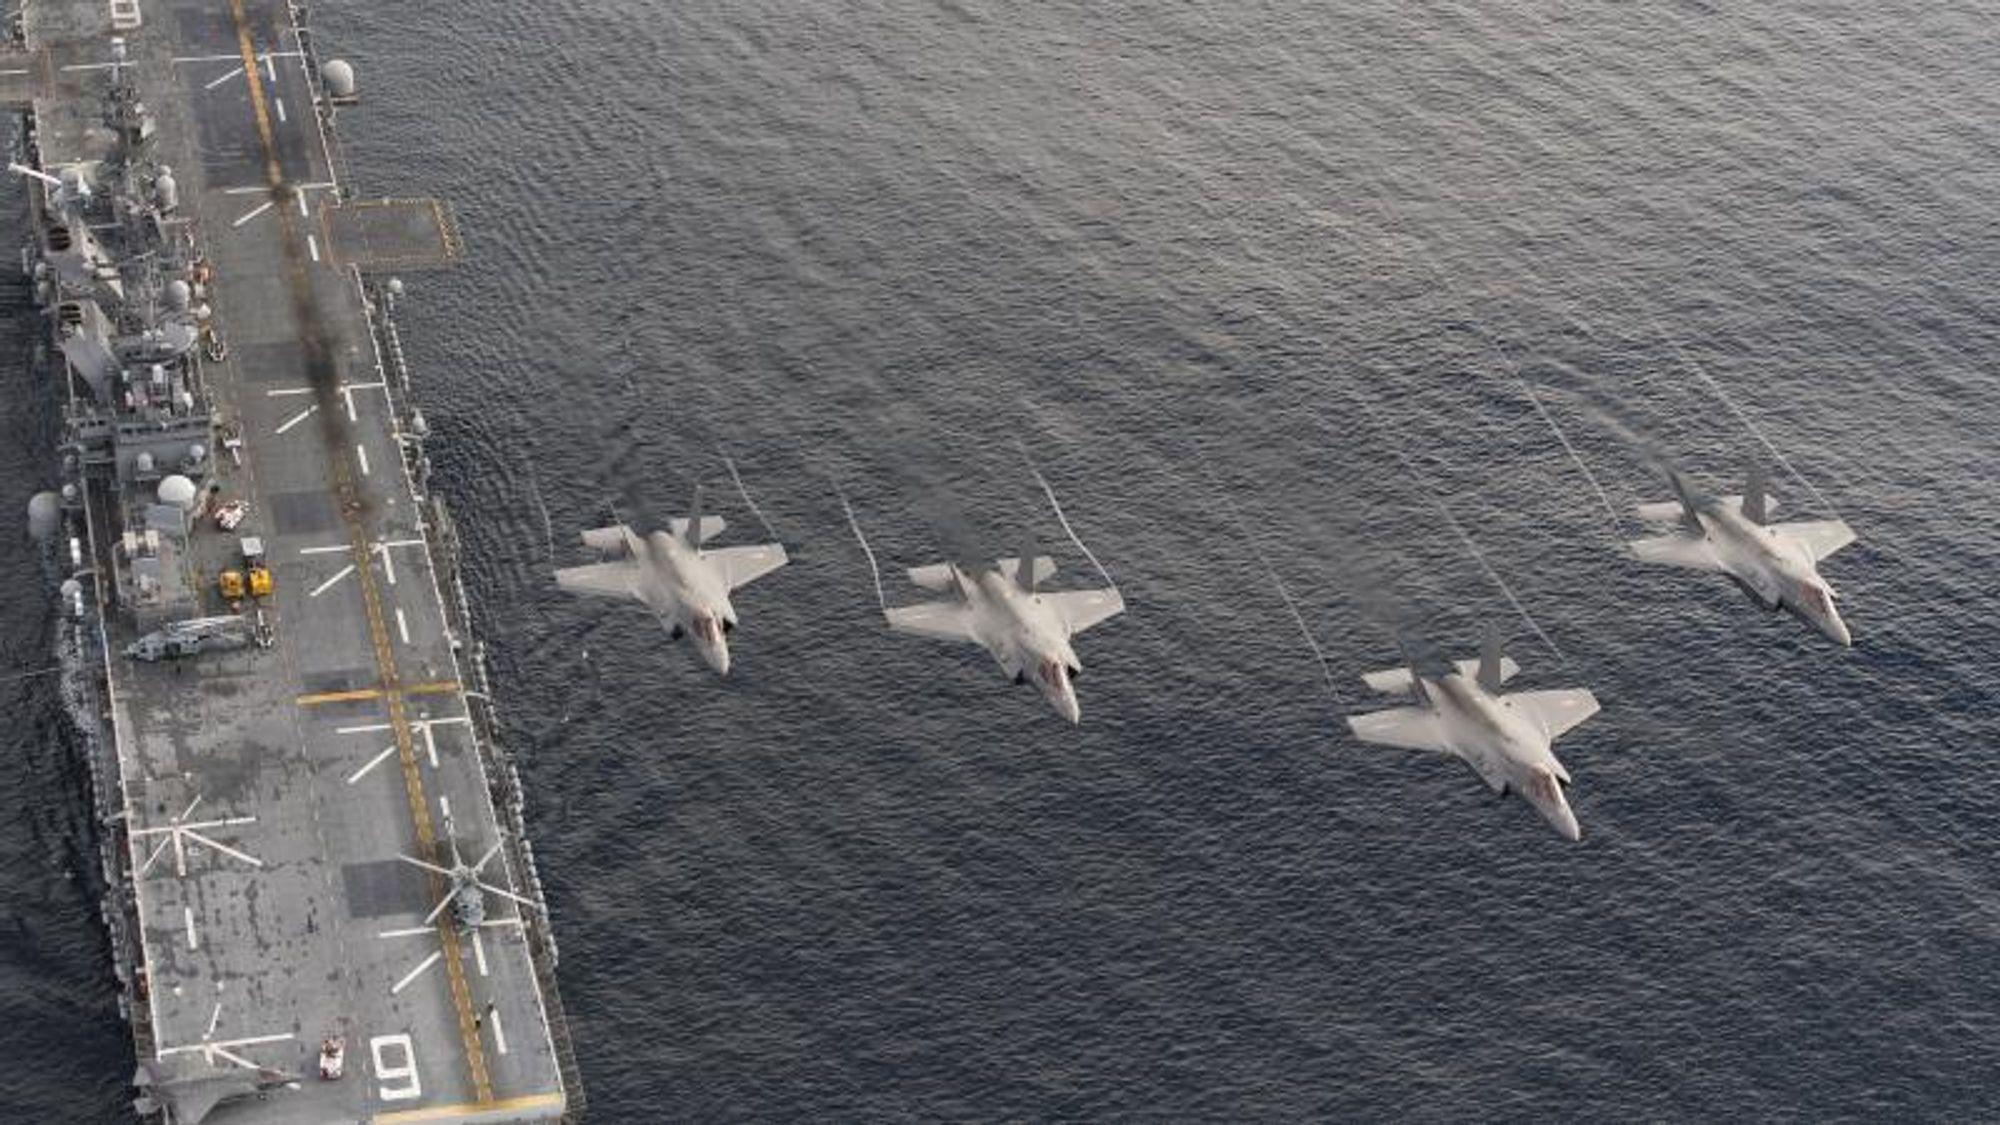 Etter at de fikk nytt radarsystem, begynte pilotene i 2014 å rapportere om flere UFO-er til sine overordnede.